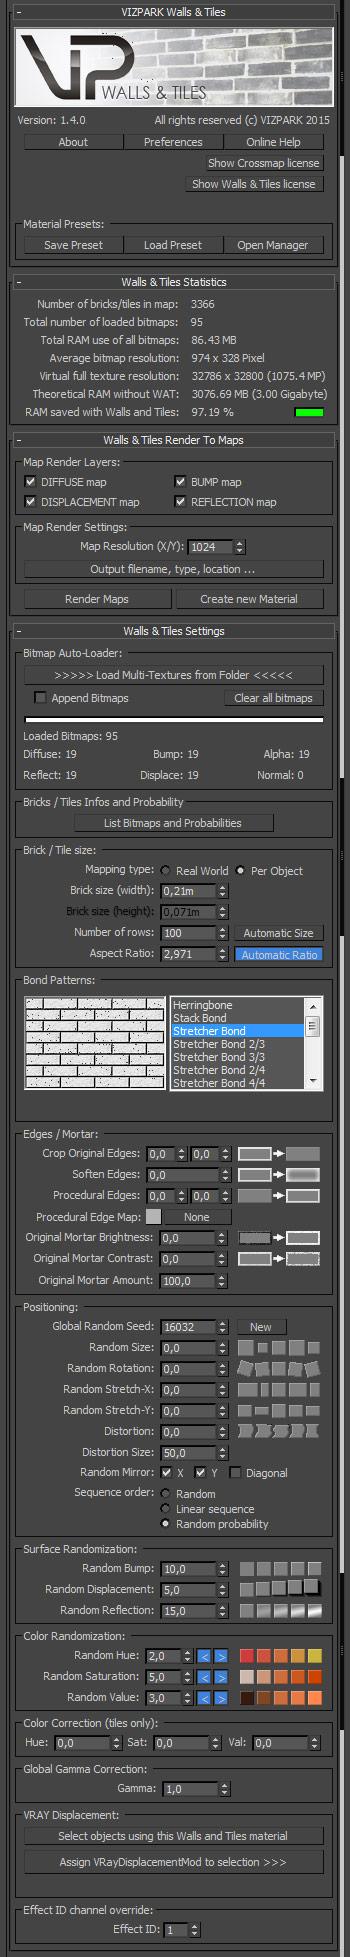 Walls & Tiles GUI